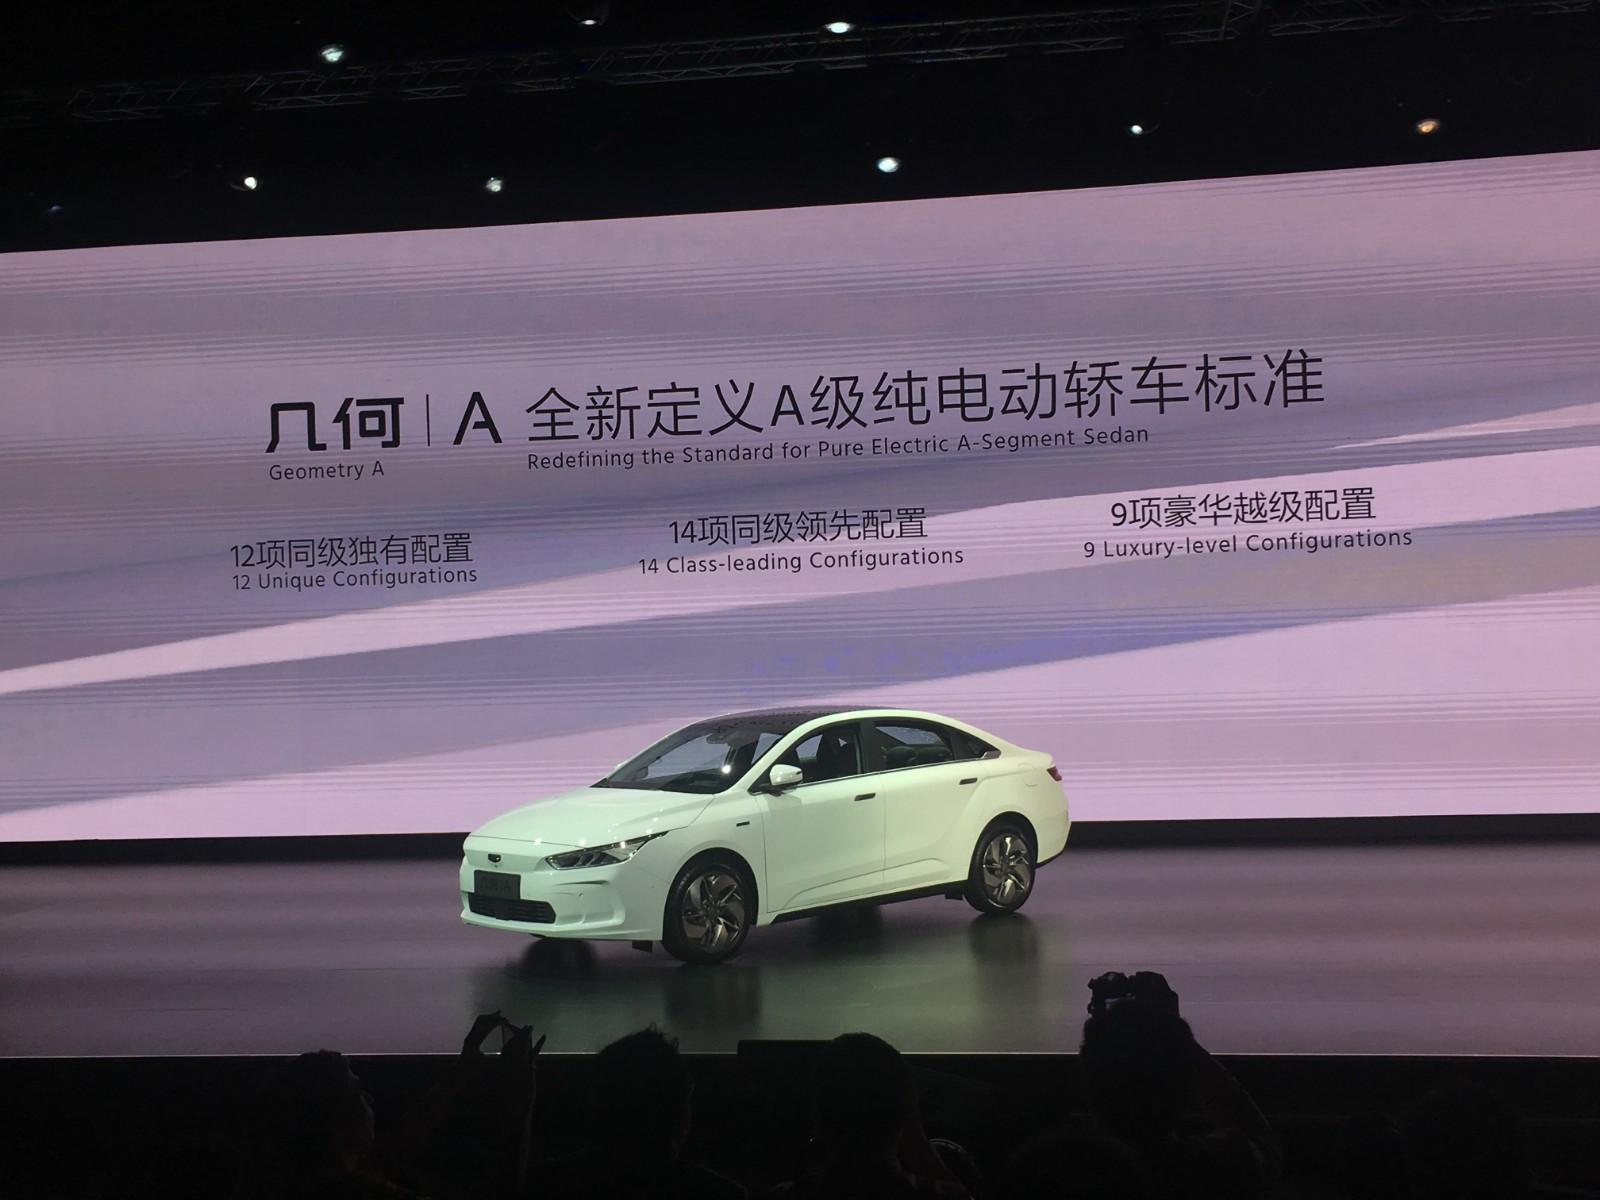 聪明的买车人丨Aion S VS几何A之 传统新势力与平台之争 【图】